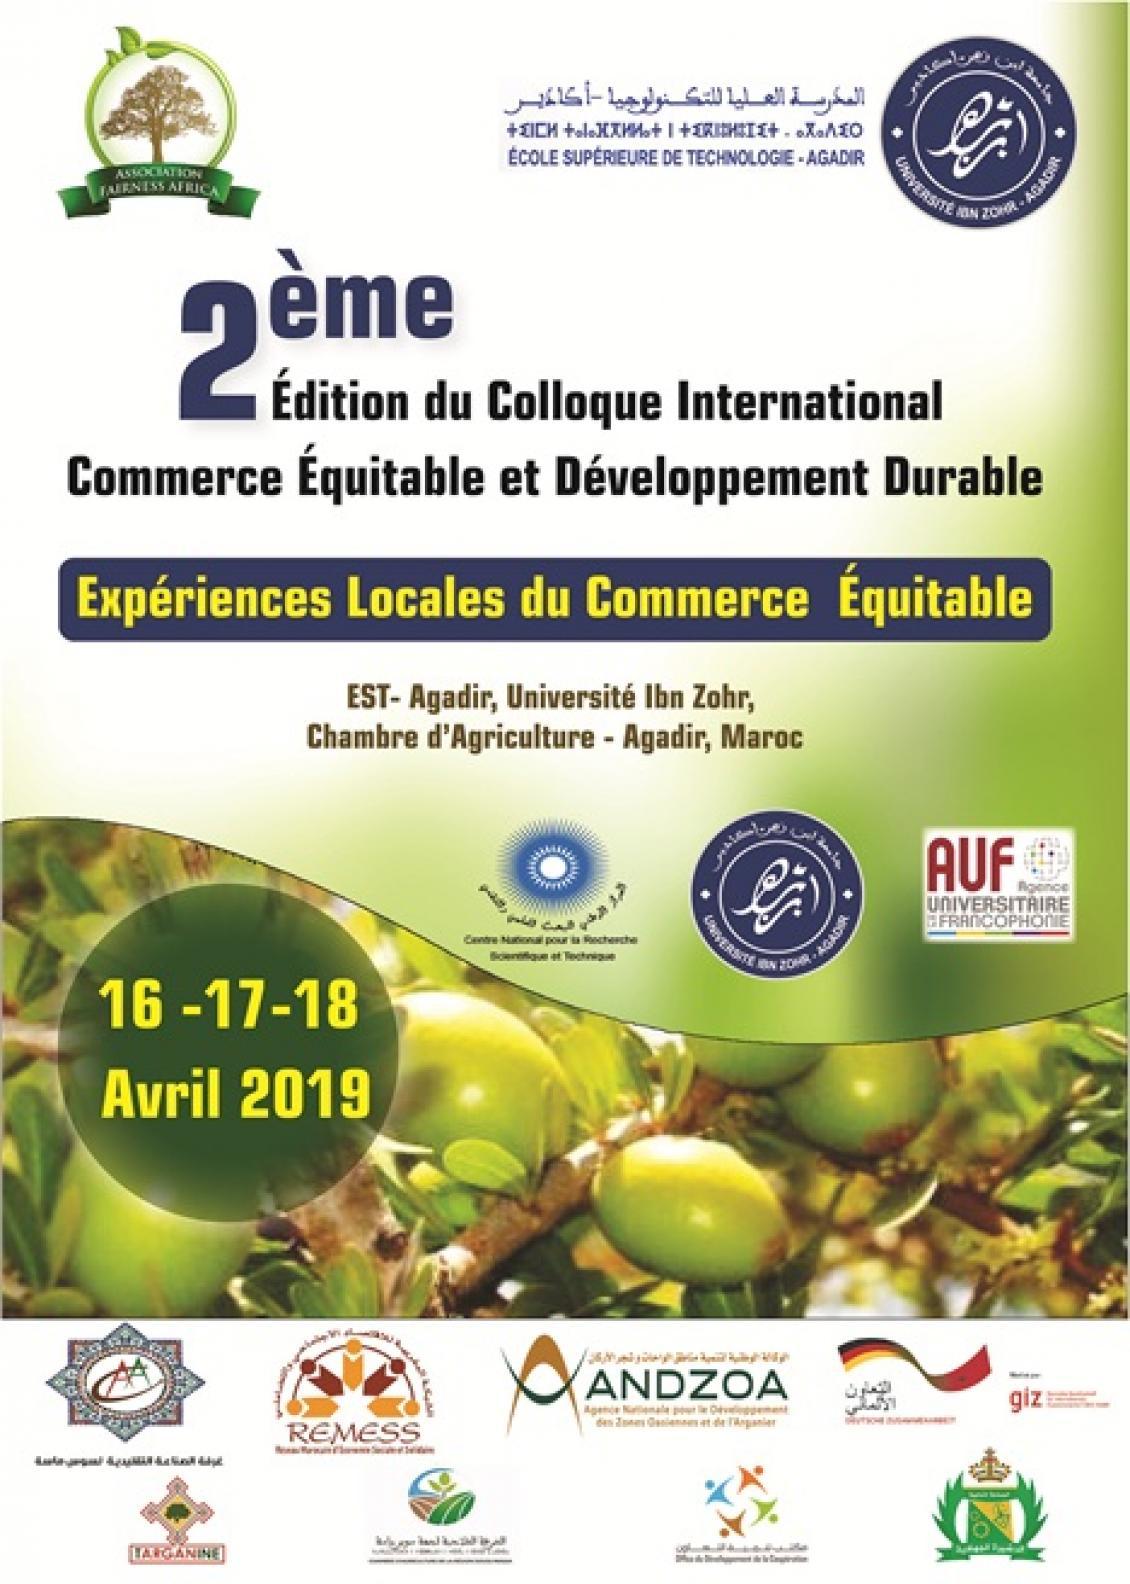 Colloque International du Commerce Équitable et Développement Durable